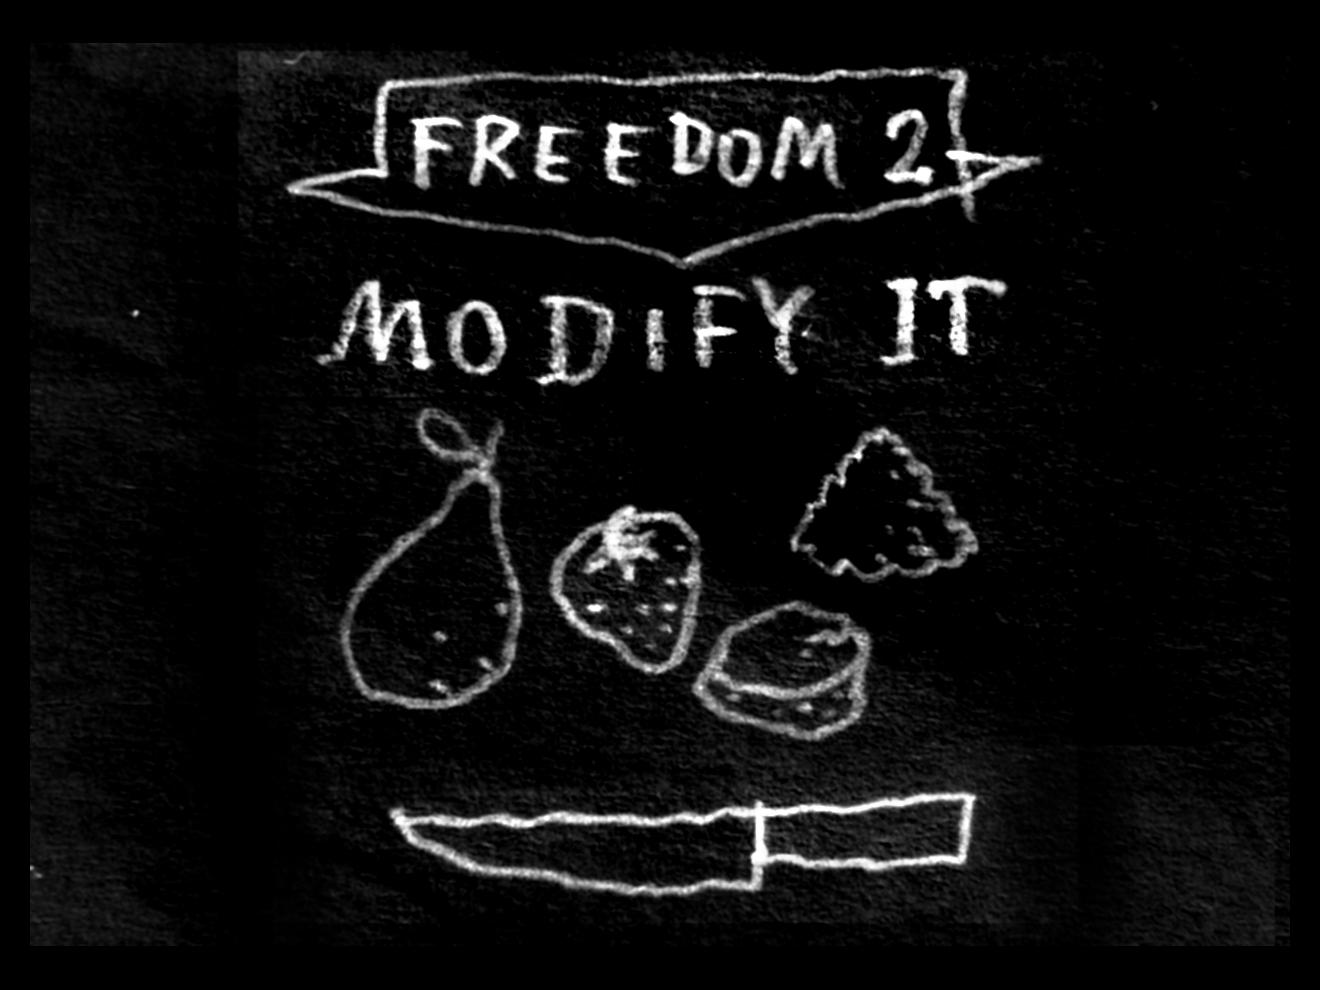 Freedom 2 - modify it